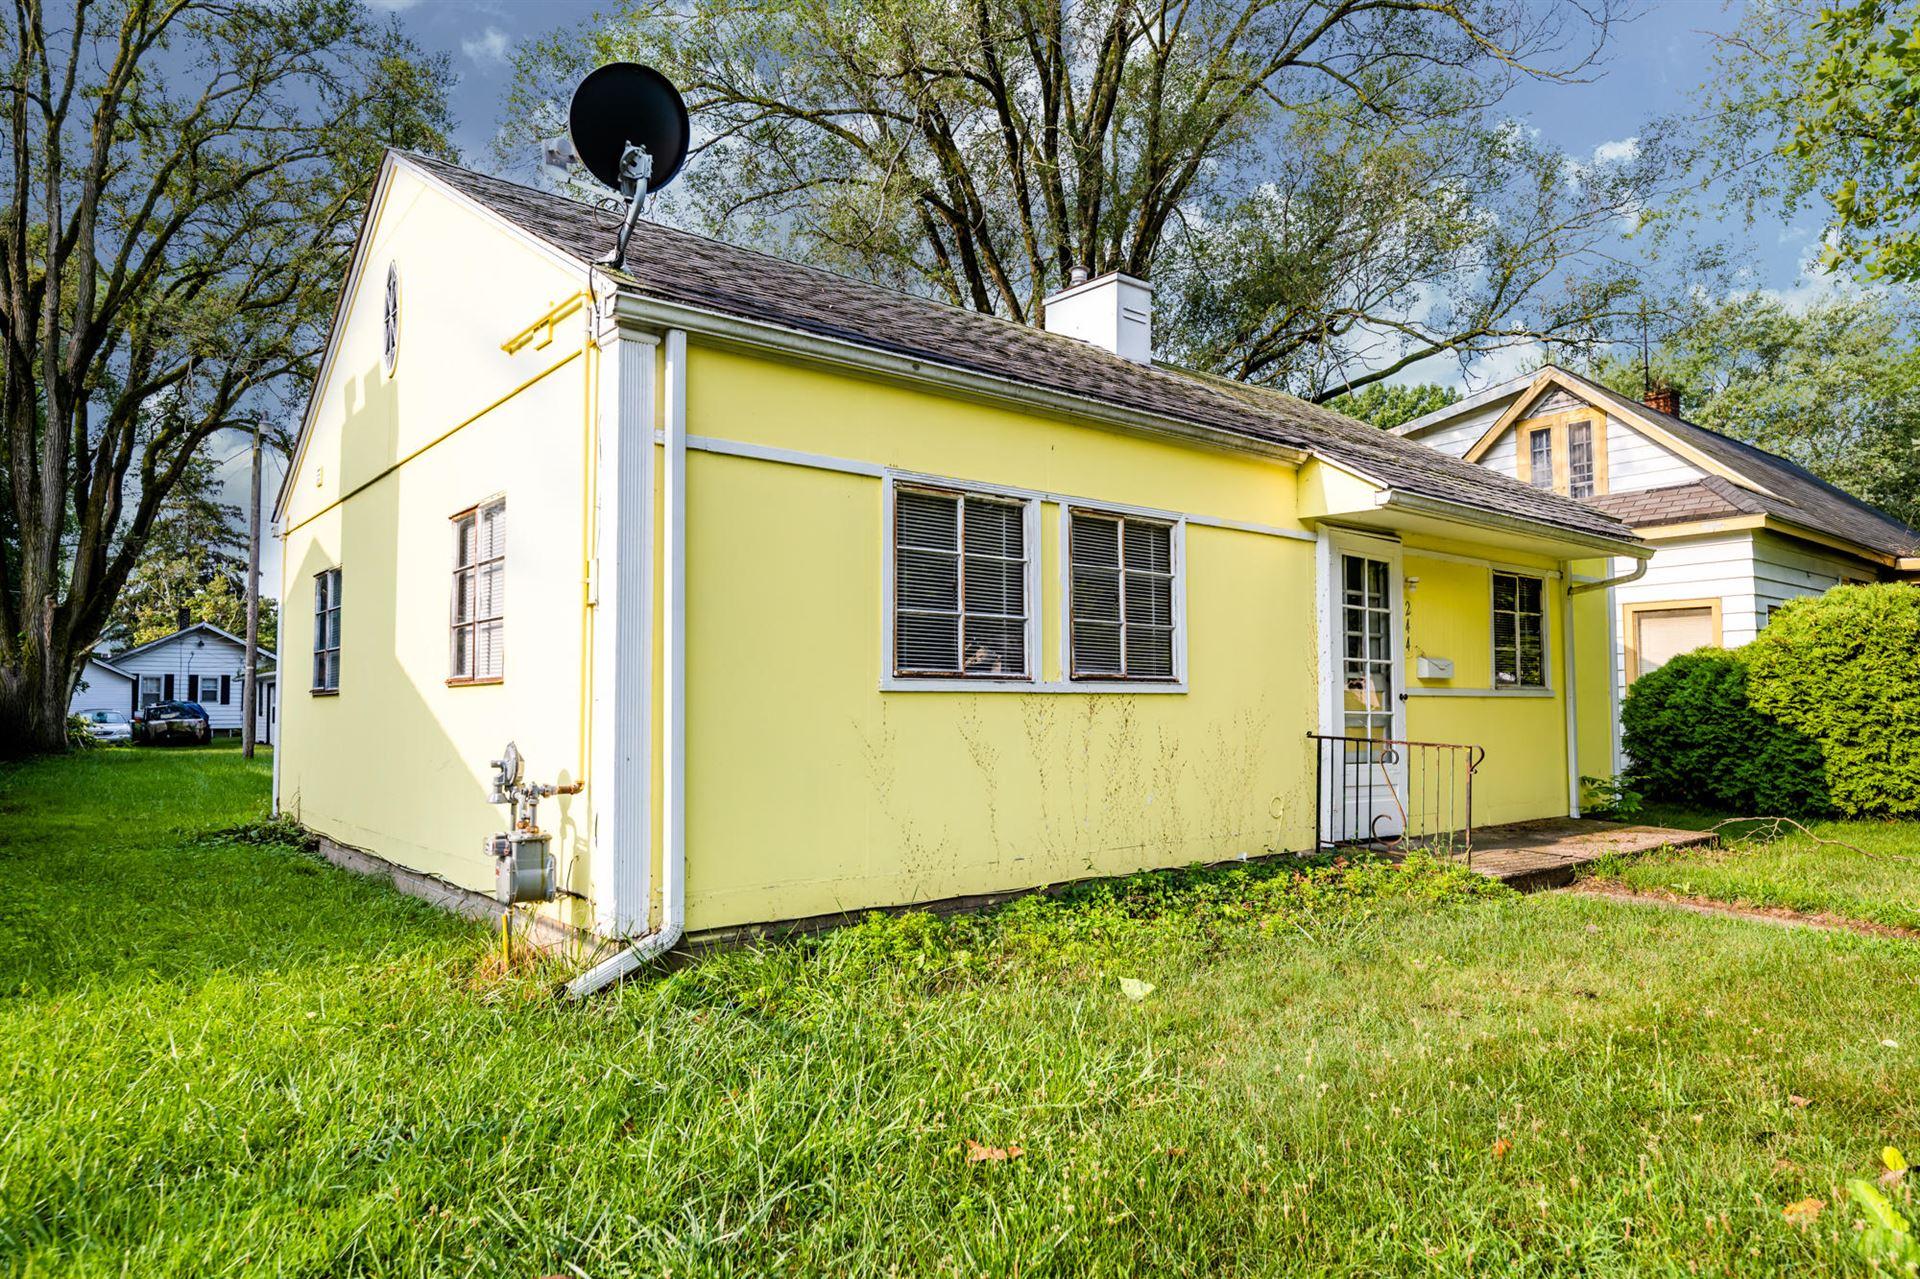 244 Searles Avenue, Benton Harbor, MI 49022 - MLS#: 21102414